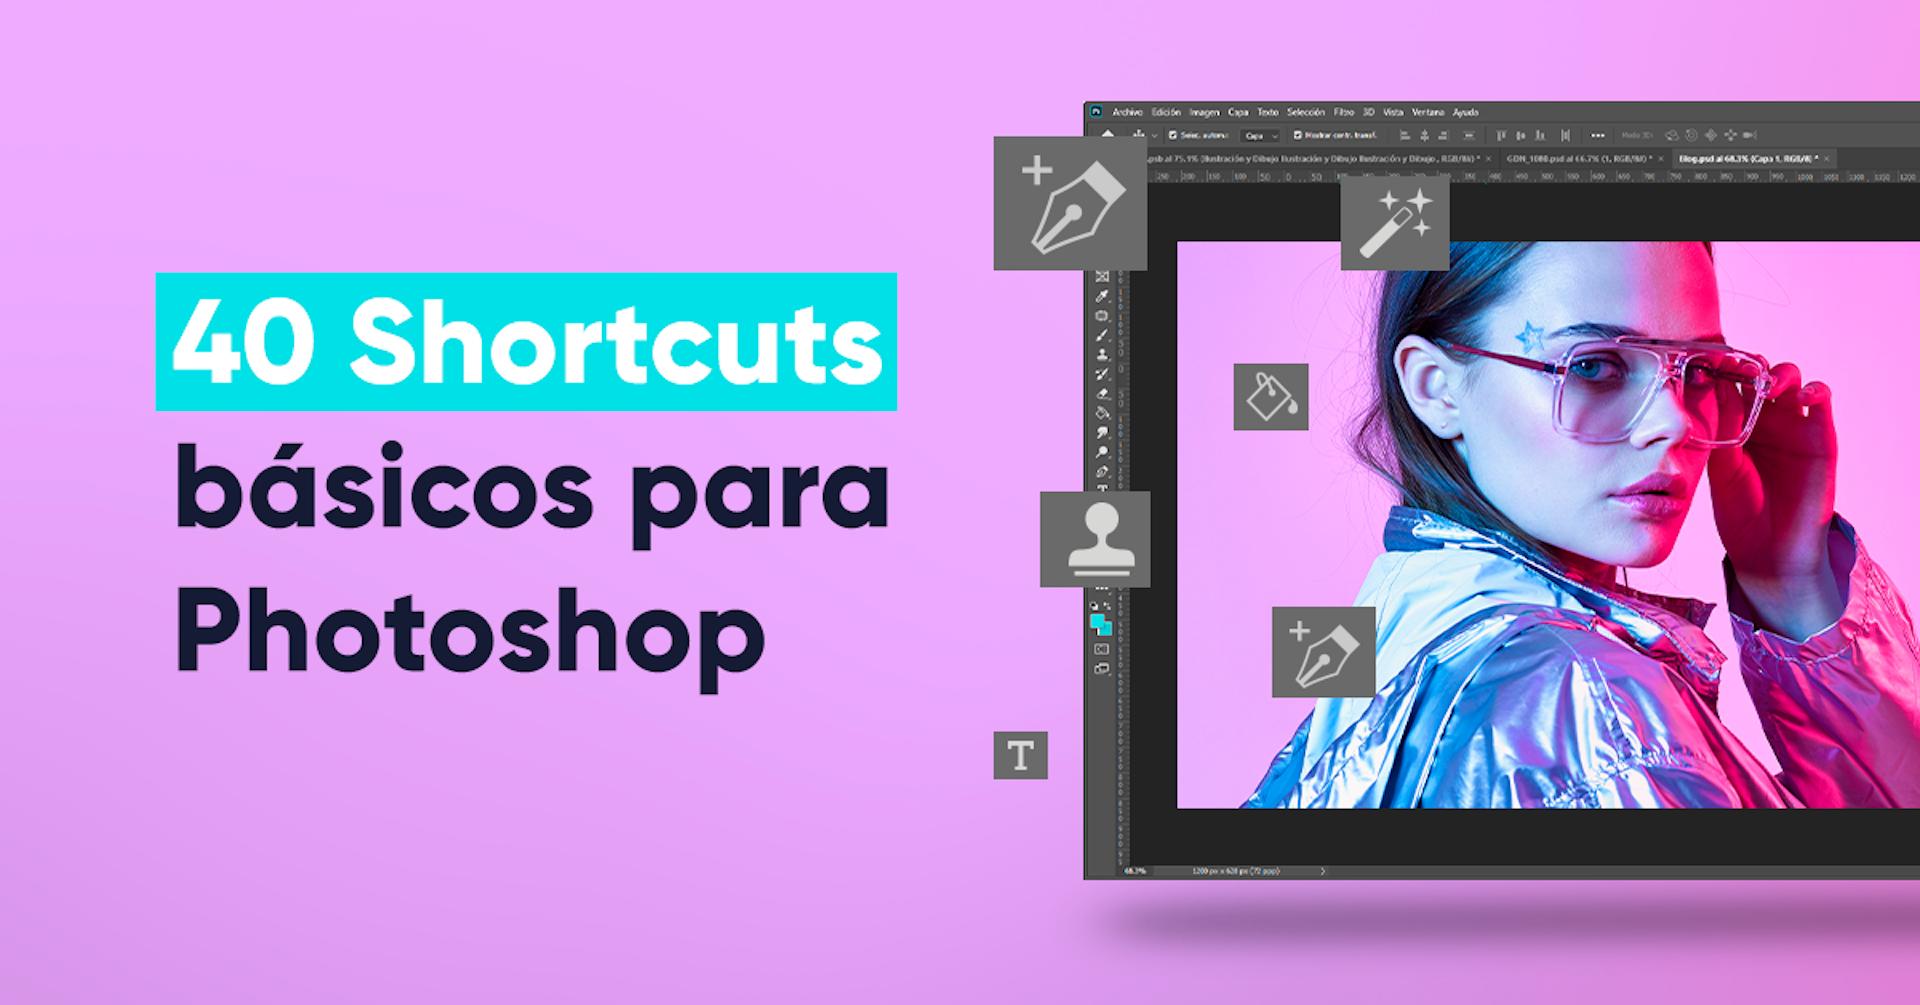 40 atajos básicos para Photoshop que no sabías que necesitabas